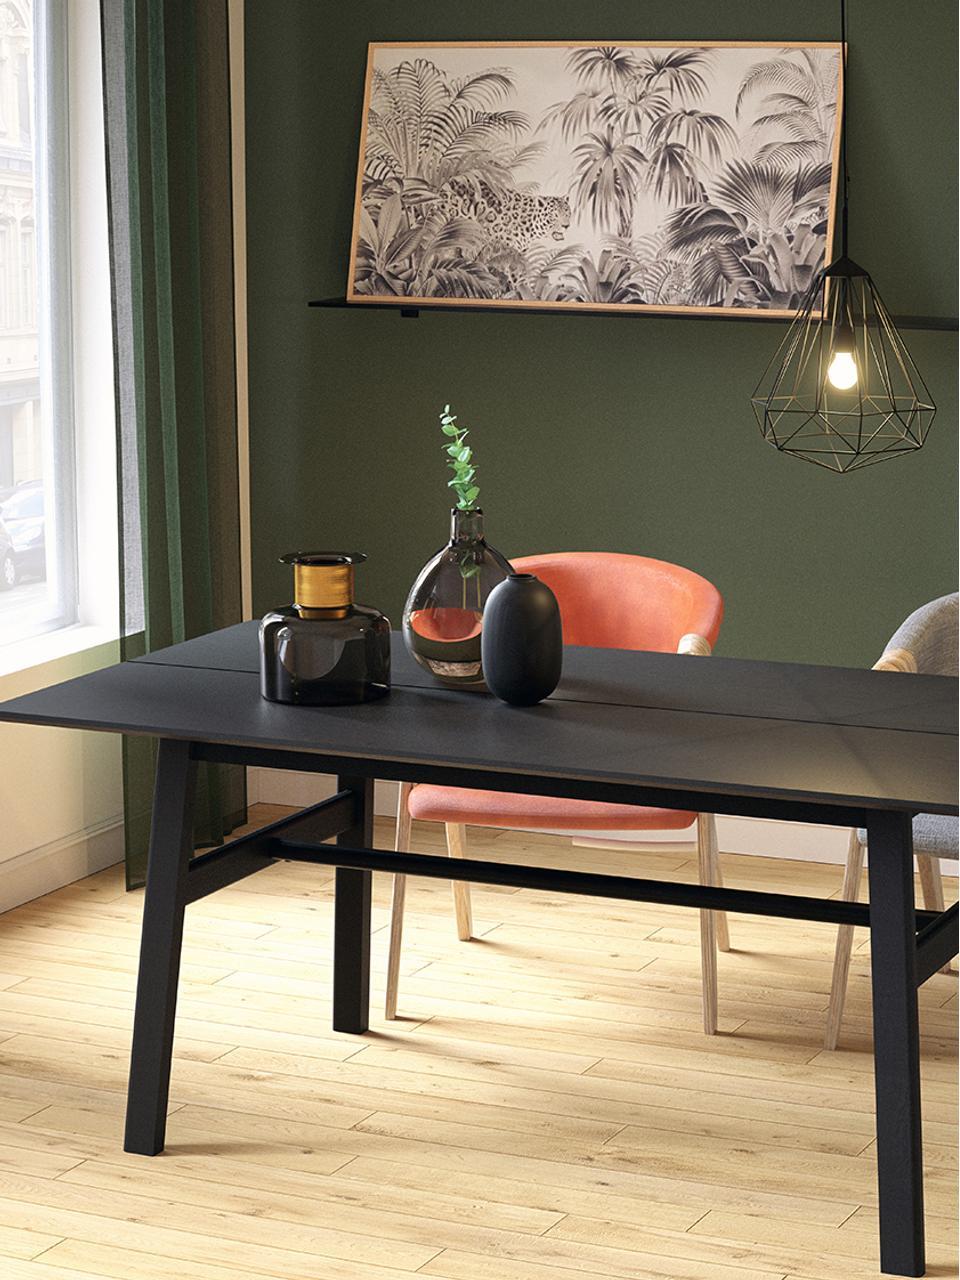 Esstisch Larson in Schwarz, Tischplatte: Spanplatte mit Eichenholz, Gestell: Massiver Buchenholz mit E, Eichenholzfurnier, schwarz lackiert, B 180 x T 90 cm